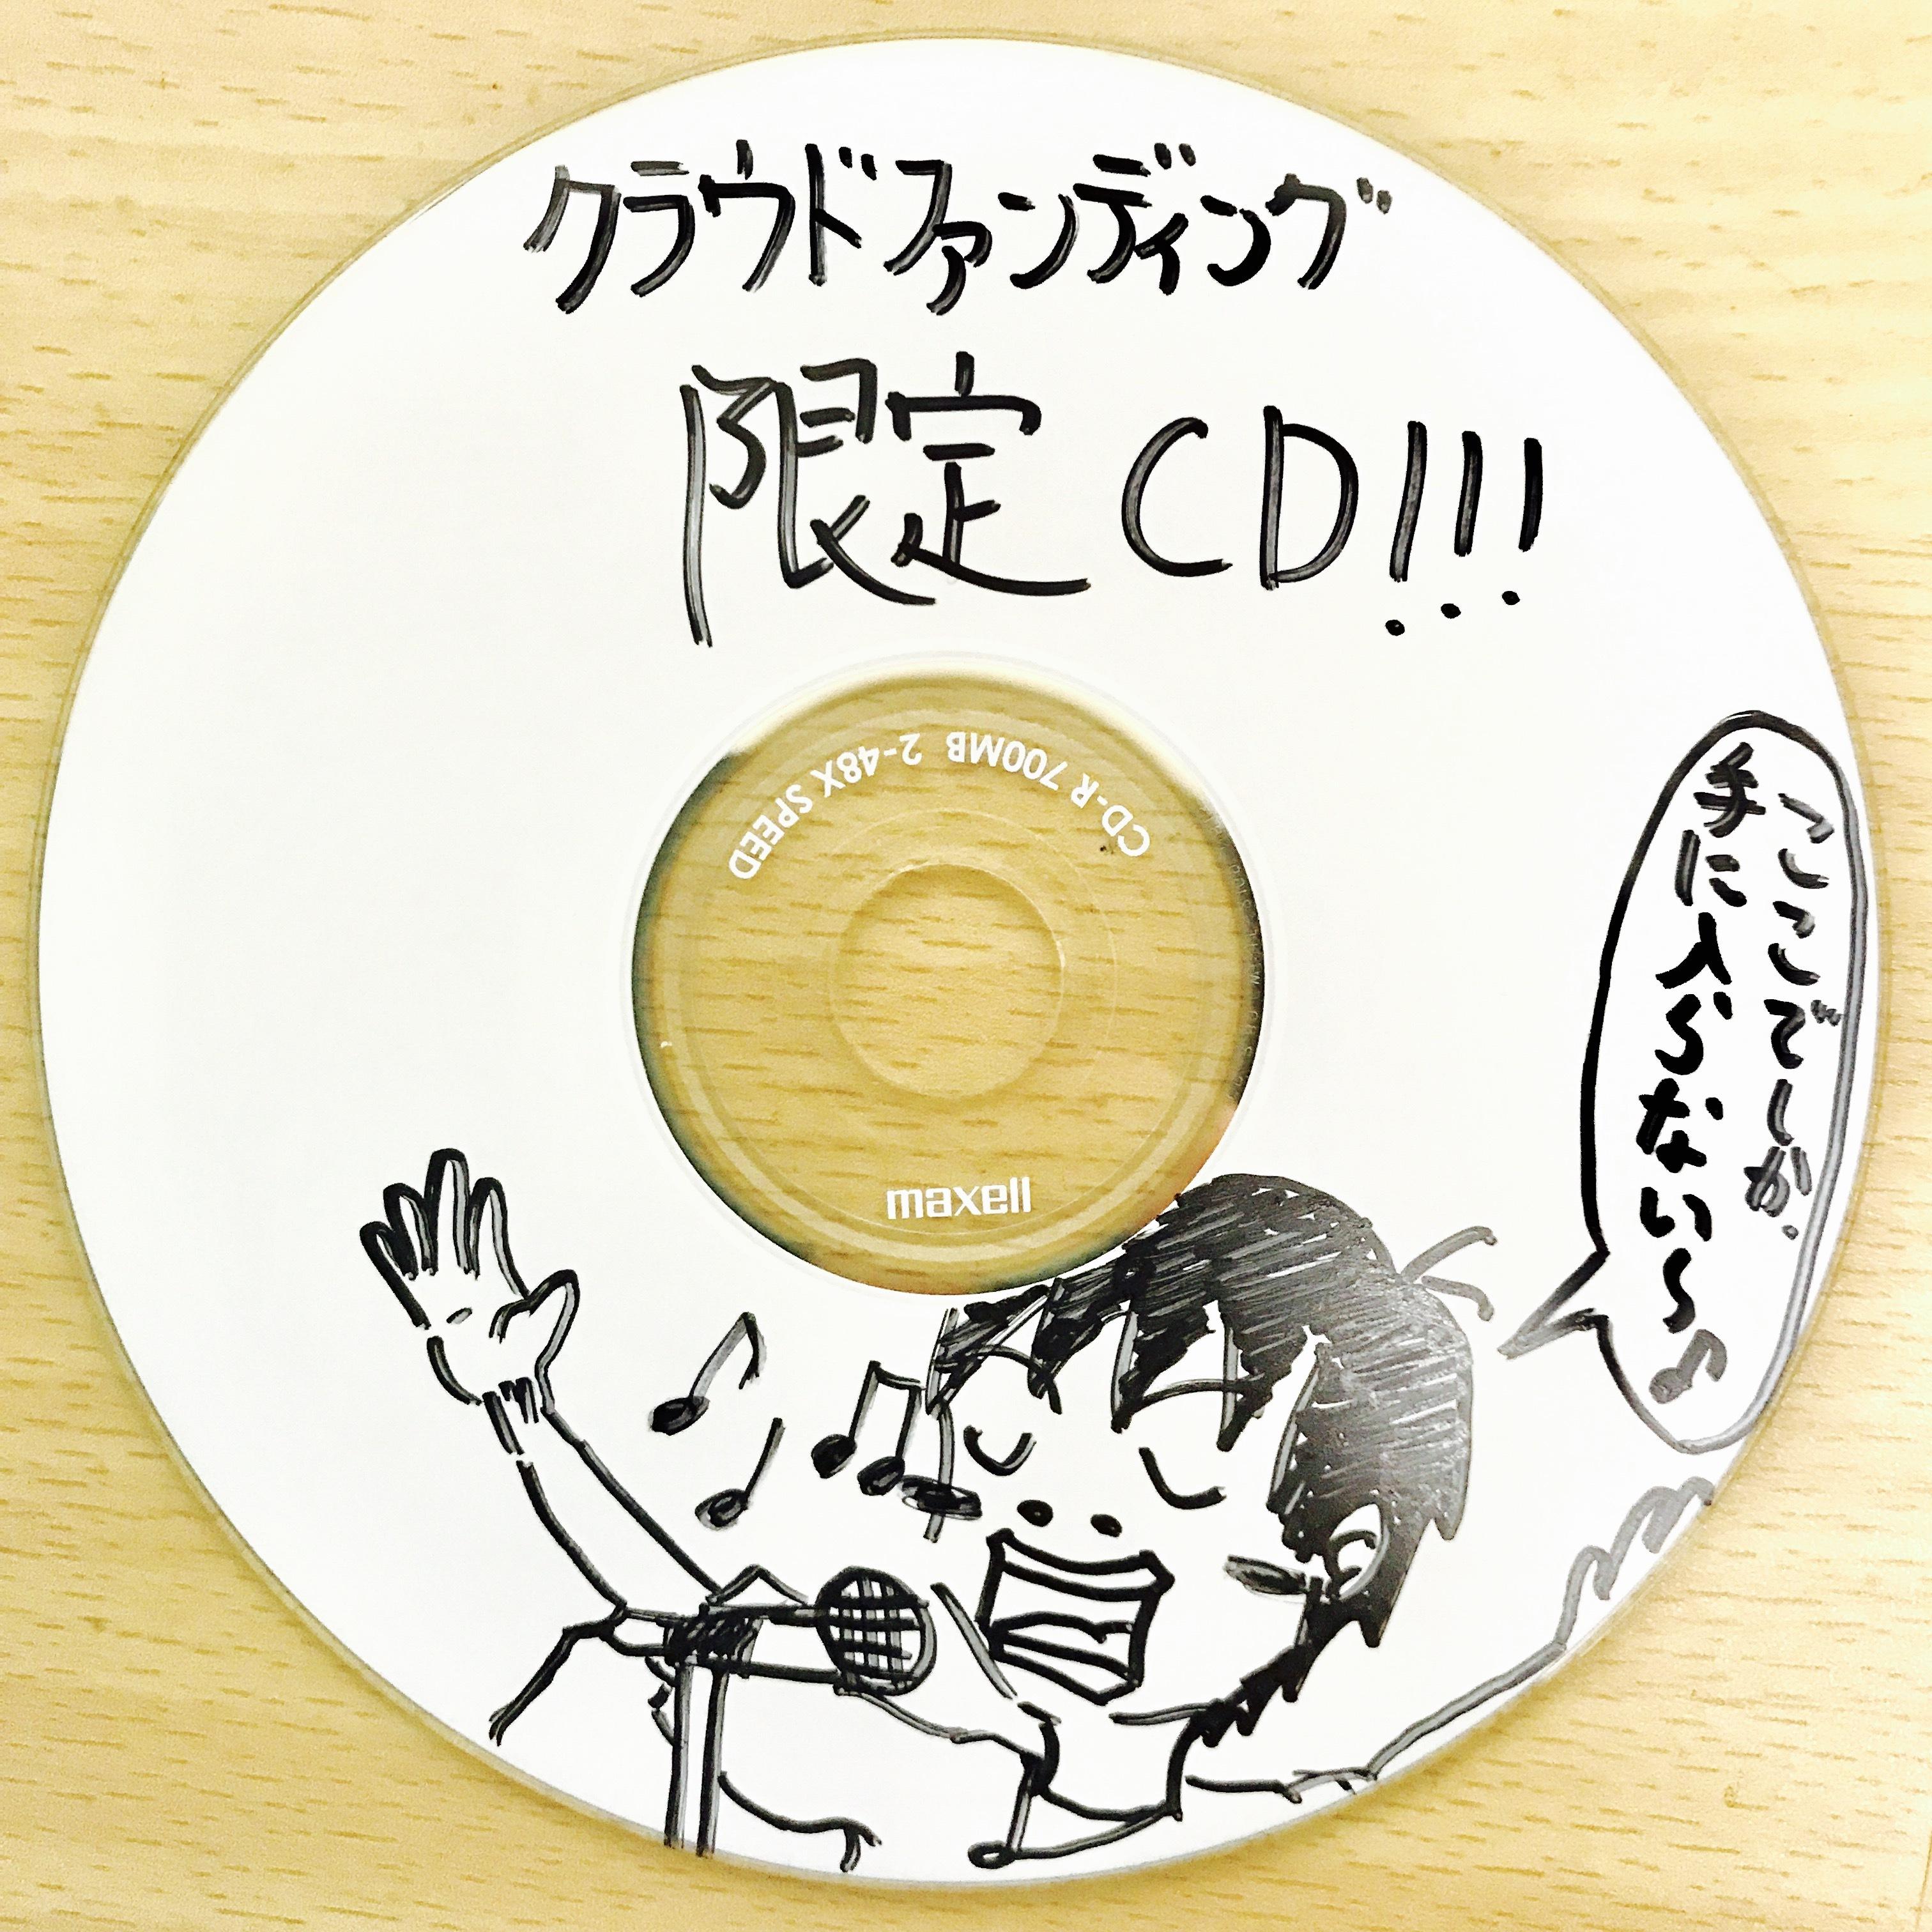 ファンの皆様に感謝を込めた、クラウドファンディング限定楽曲CDGET出来ちゃいますプラン